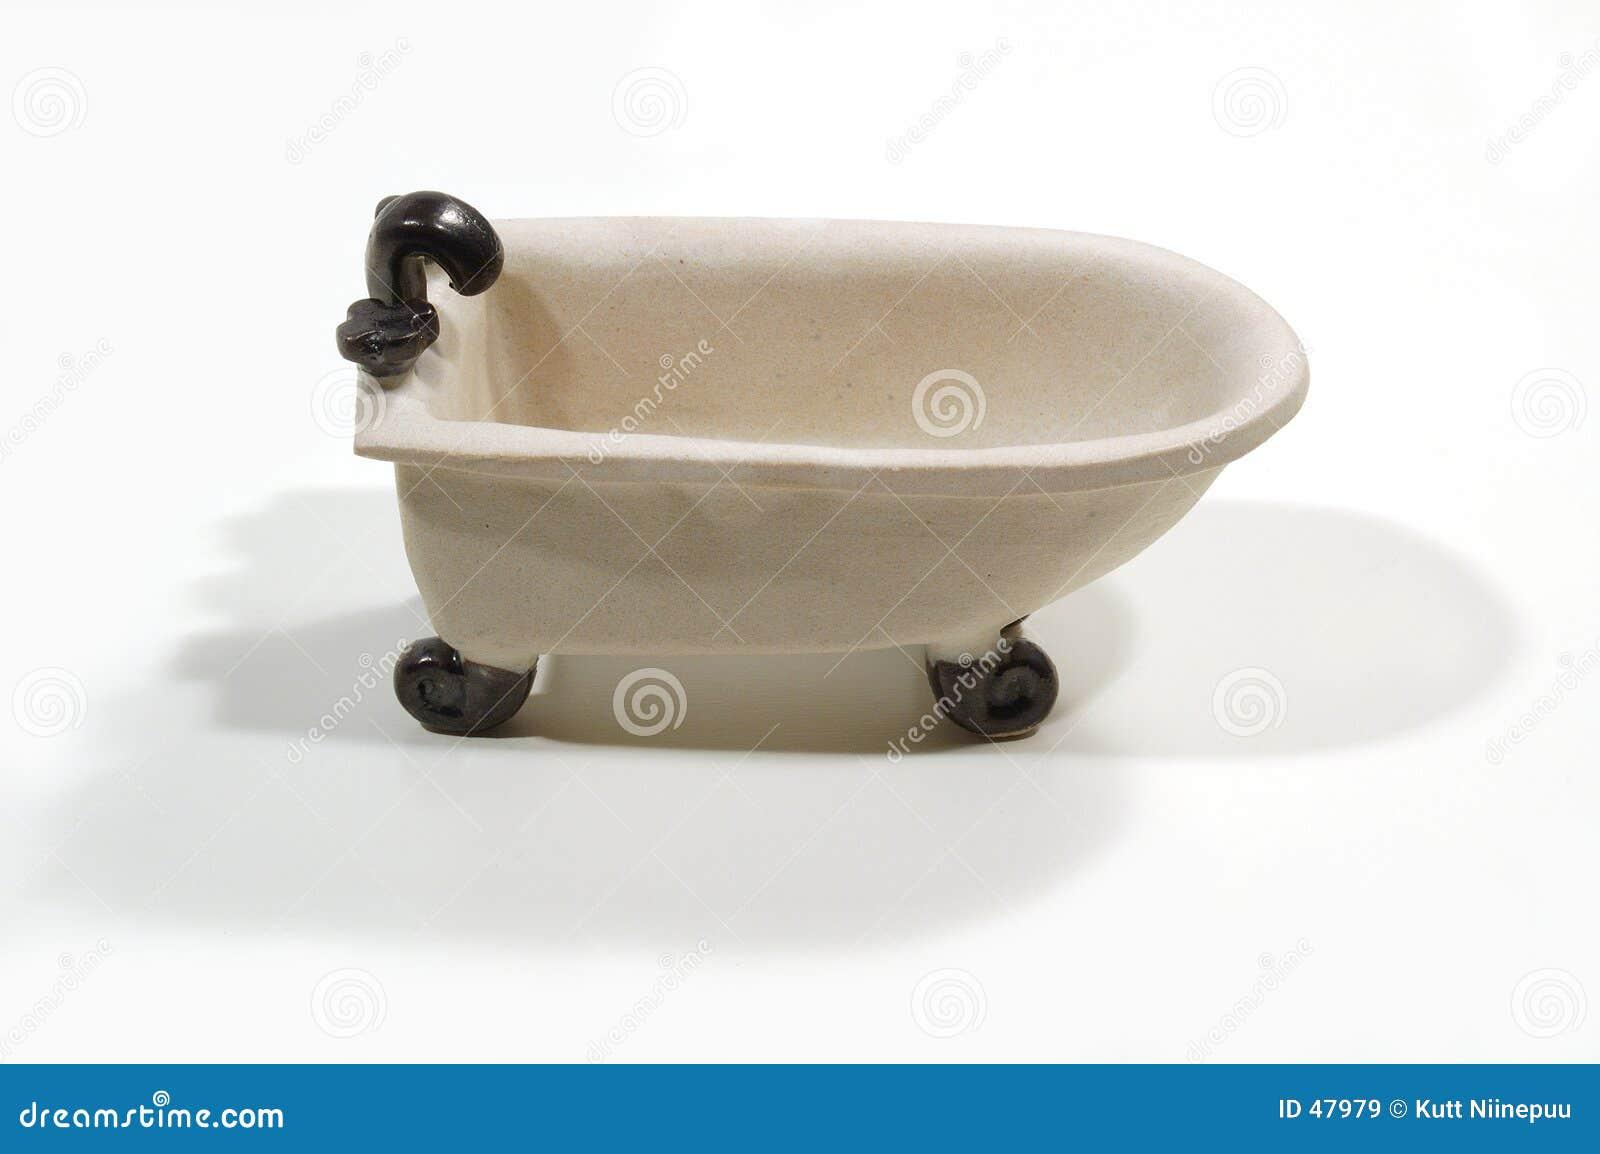 Vasca Da Bagno Piccola In Ceramica : Piccola vasca da bagno immagine stock immagine di oggetto